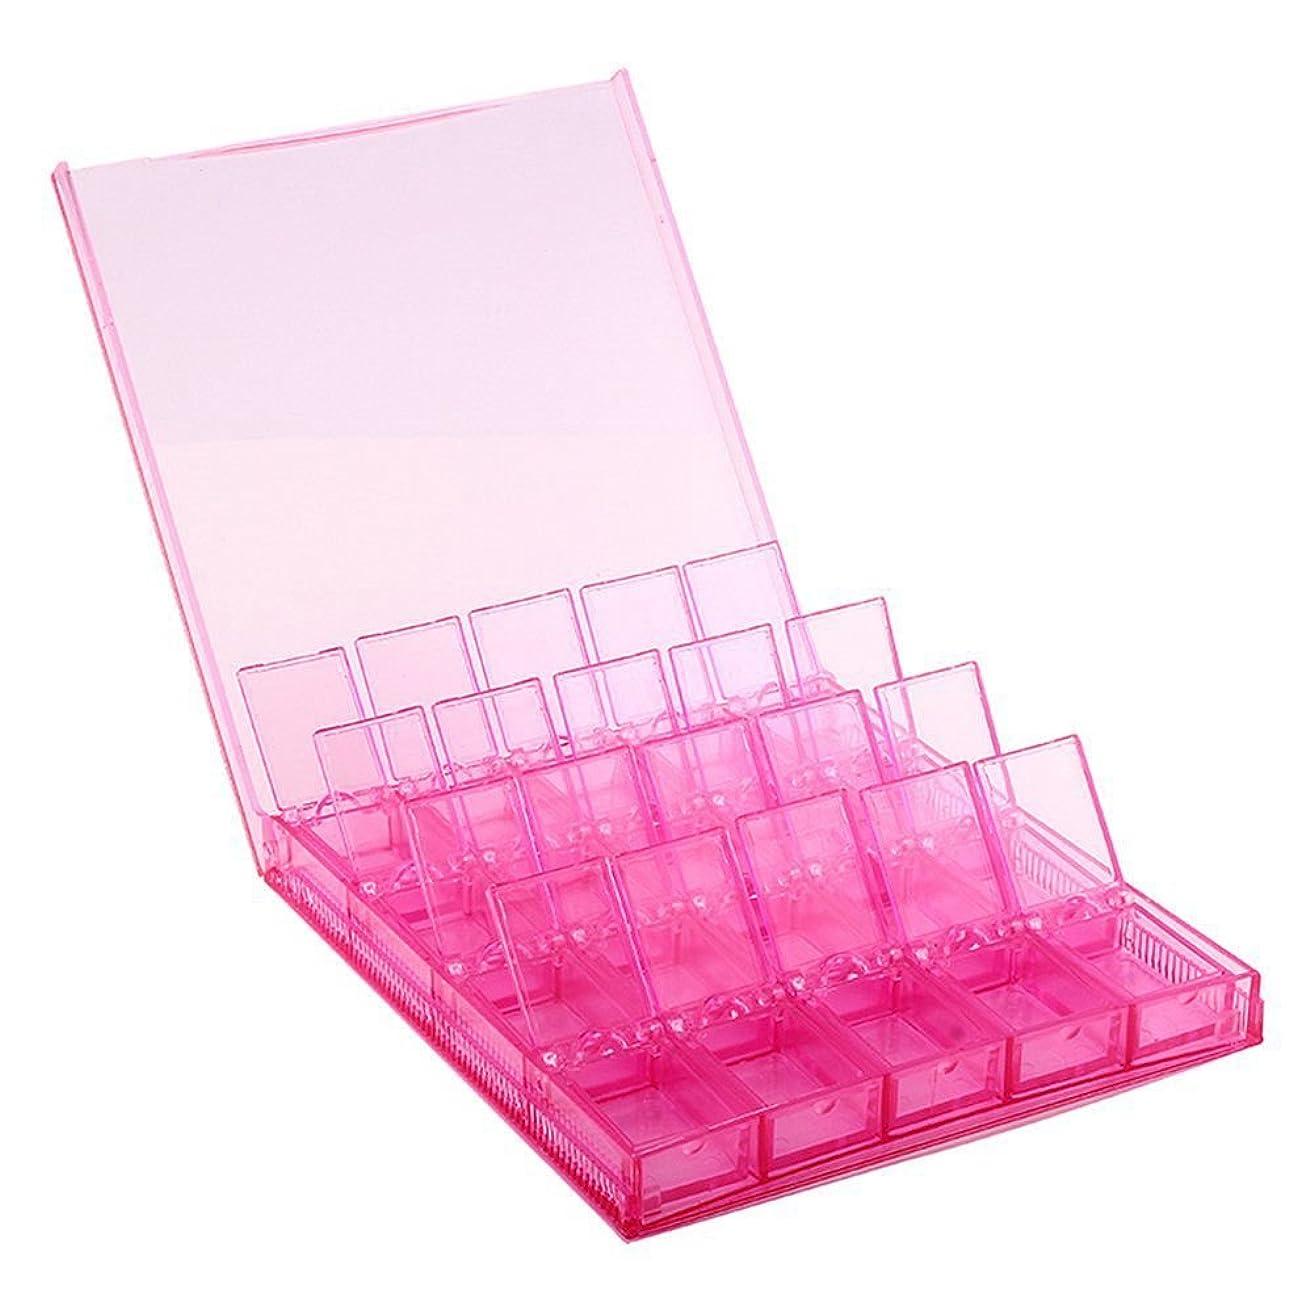 メニューペレットいつNrpfell 収納ボックス 5D ダイヤモンド ペイント DIY取り外し可能なクリアツール オーガナイザー ネイルアート ラインストーン 20グリッドジュエリー/ダイヤモンド/イヤリング/ビーズ/ネックレス ボックス